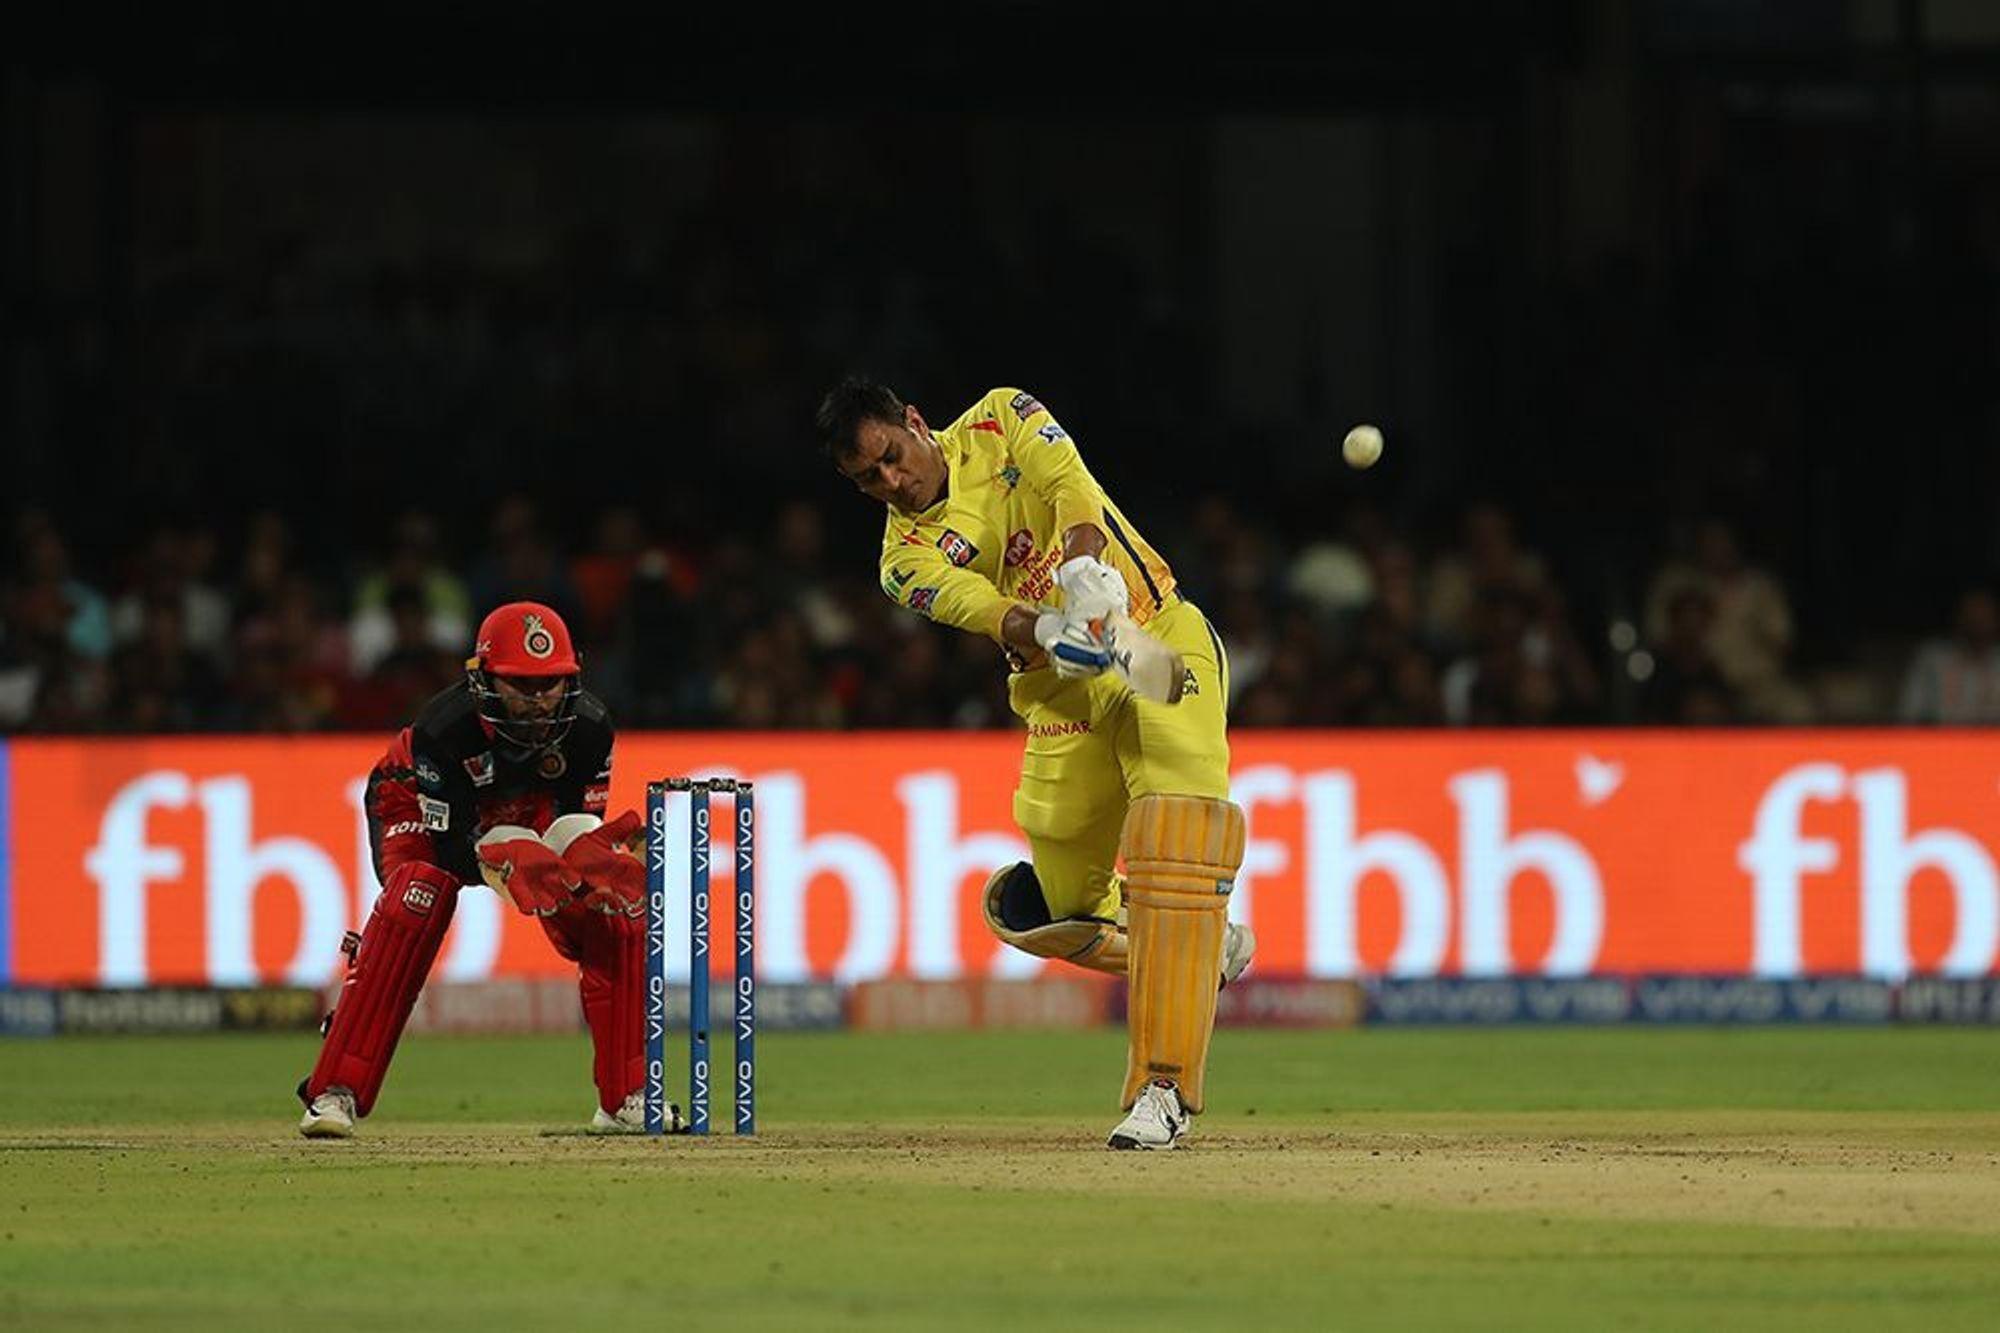 आईपीएल 2019: महेंद्र सिंह धोनी ने बताया की क्यों ड्वेन ब्रावो को नही दे रहे थे स्ट्राइक 2